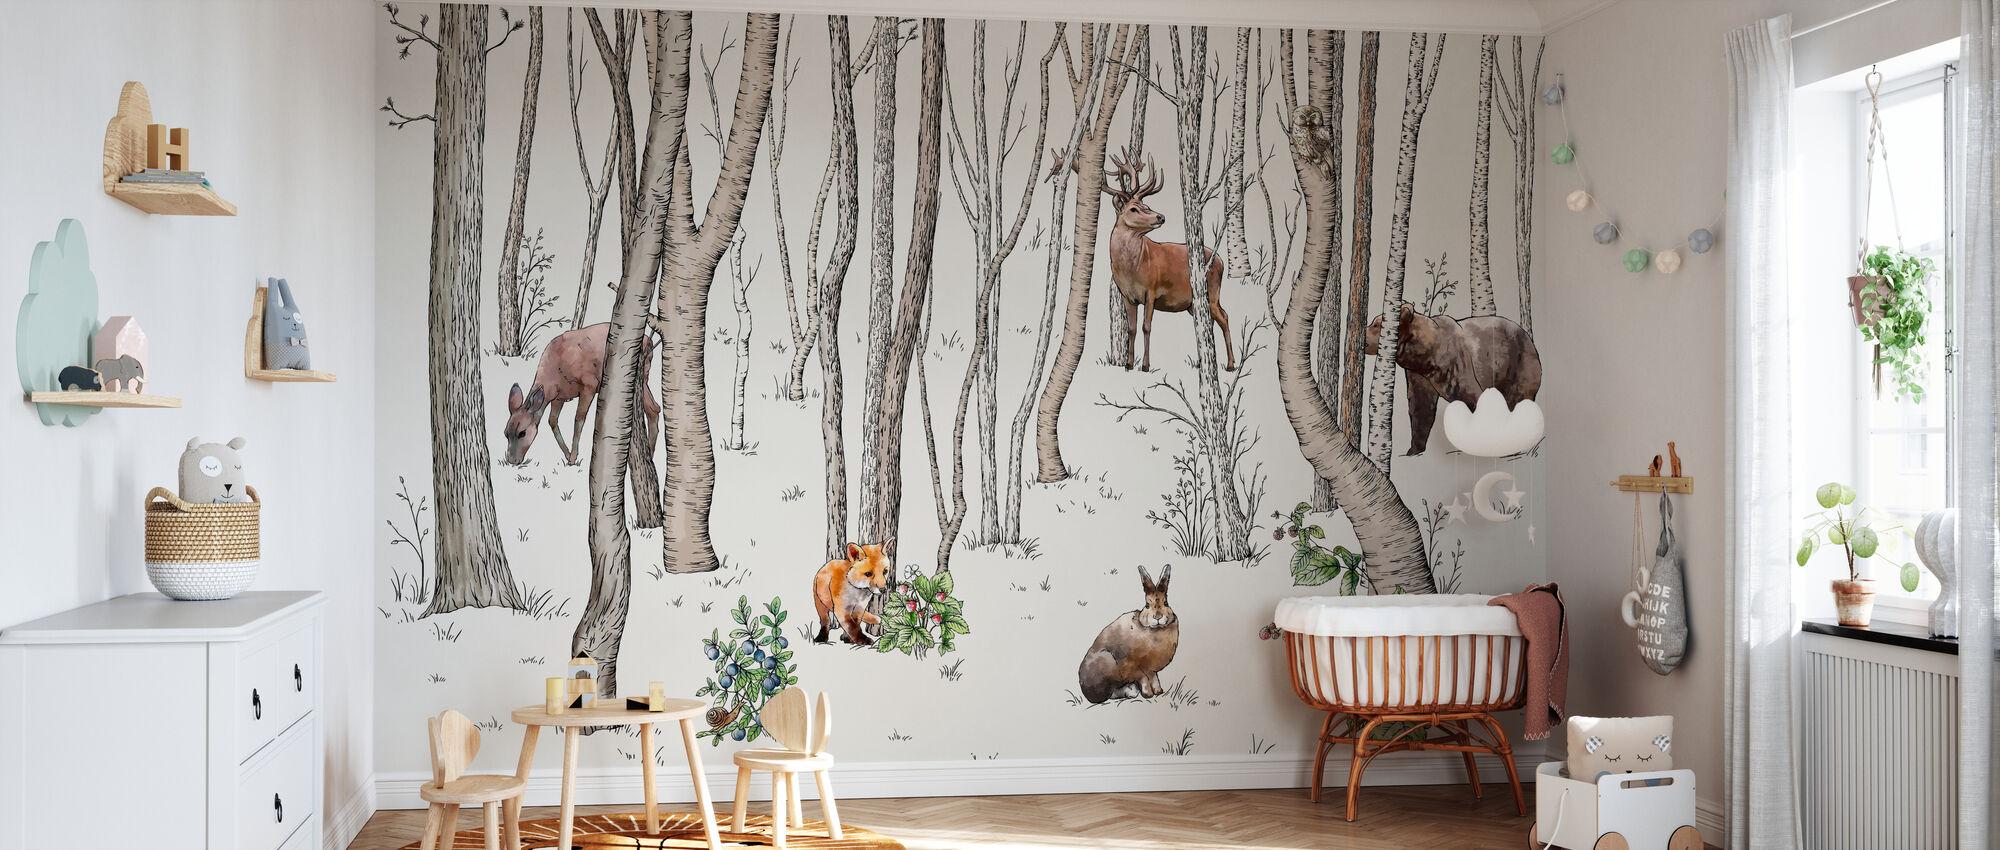 Animaux de la forêt - Papier peint - Chambre de bébé